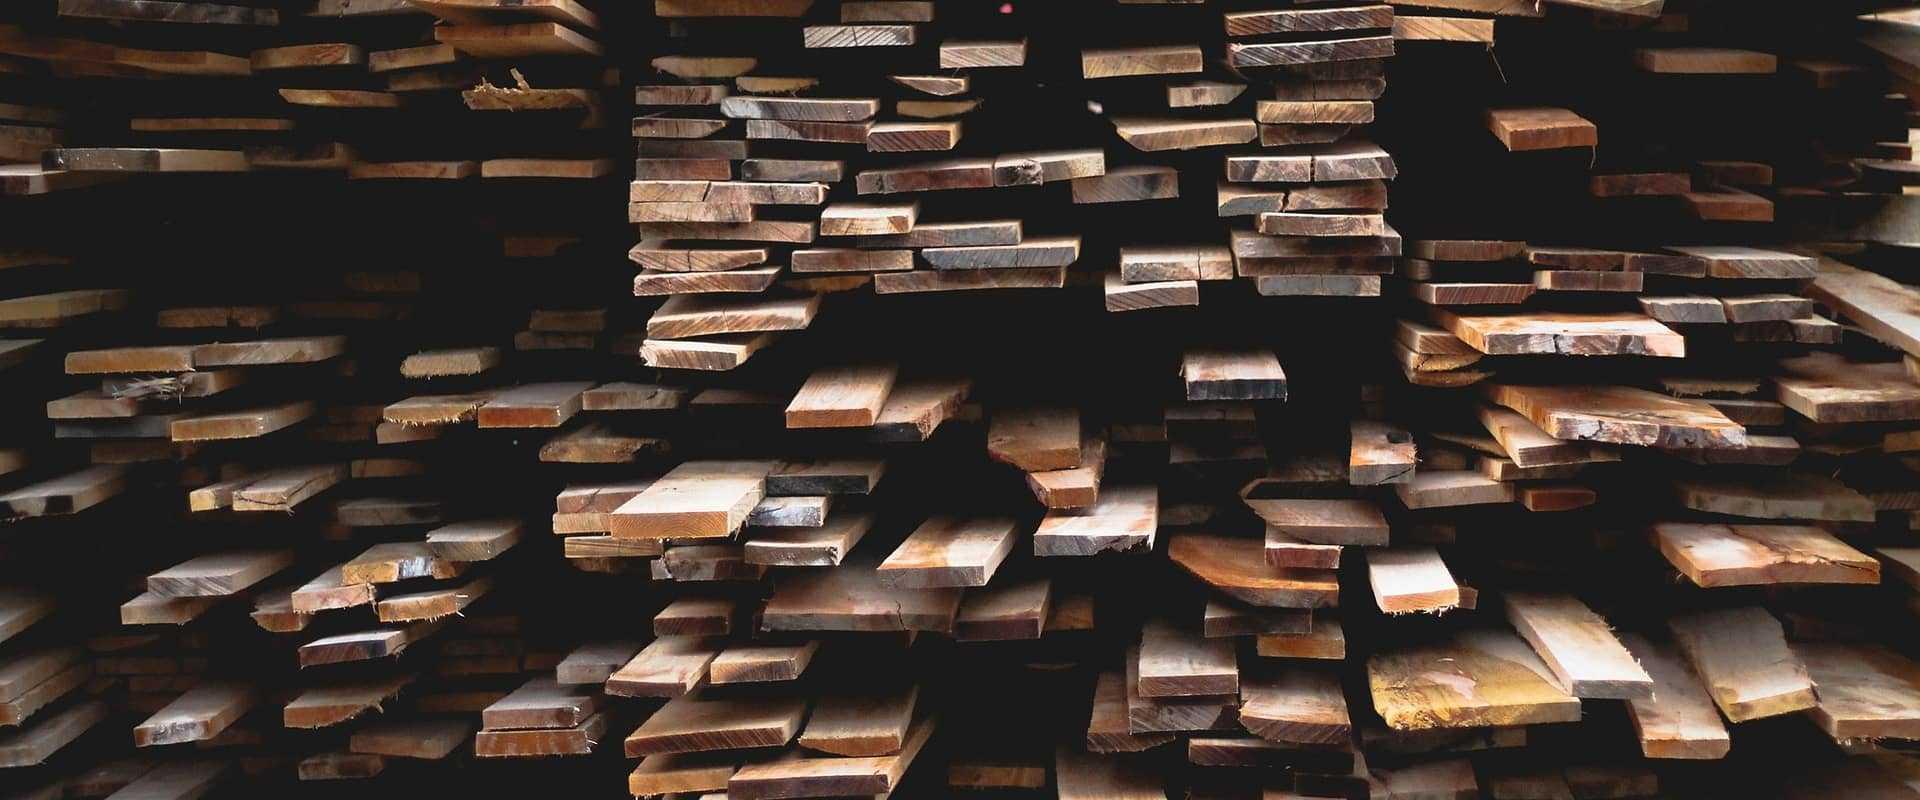 COSYS Lagerverwaltung für Baumärkte und Holzhandel